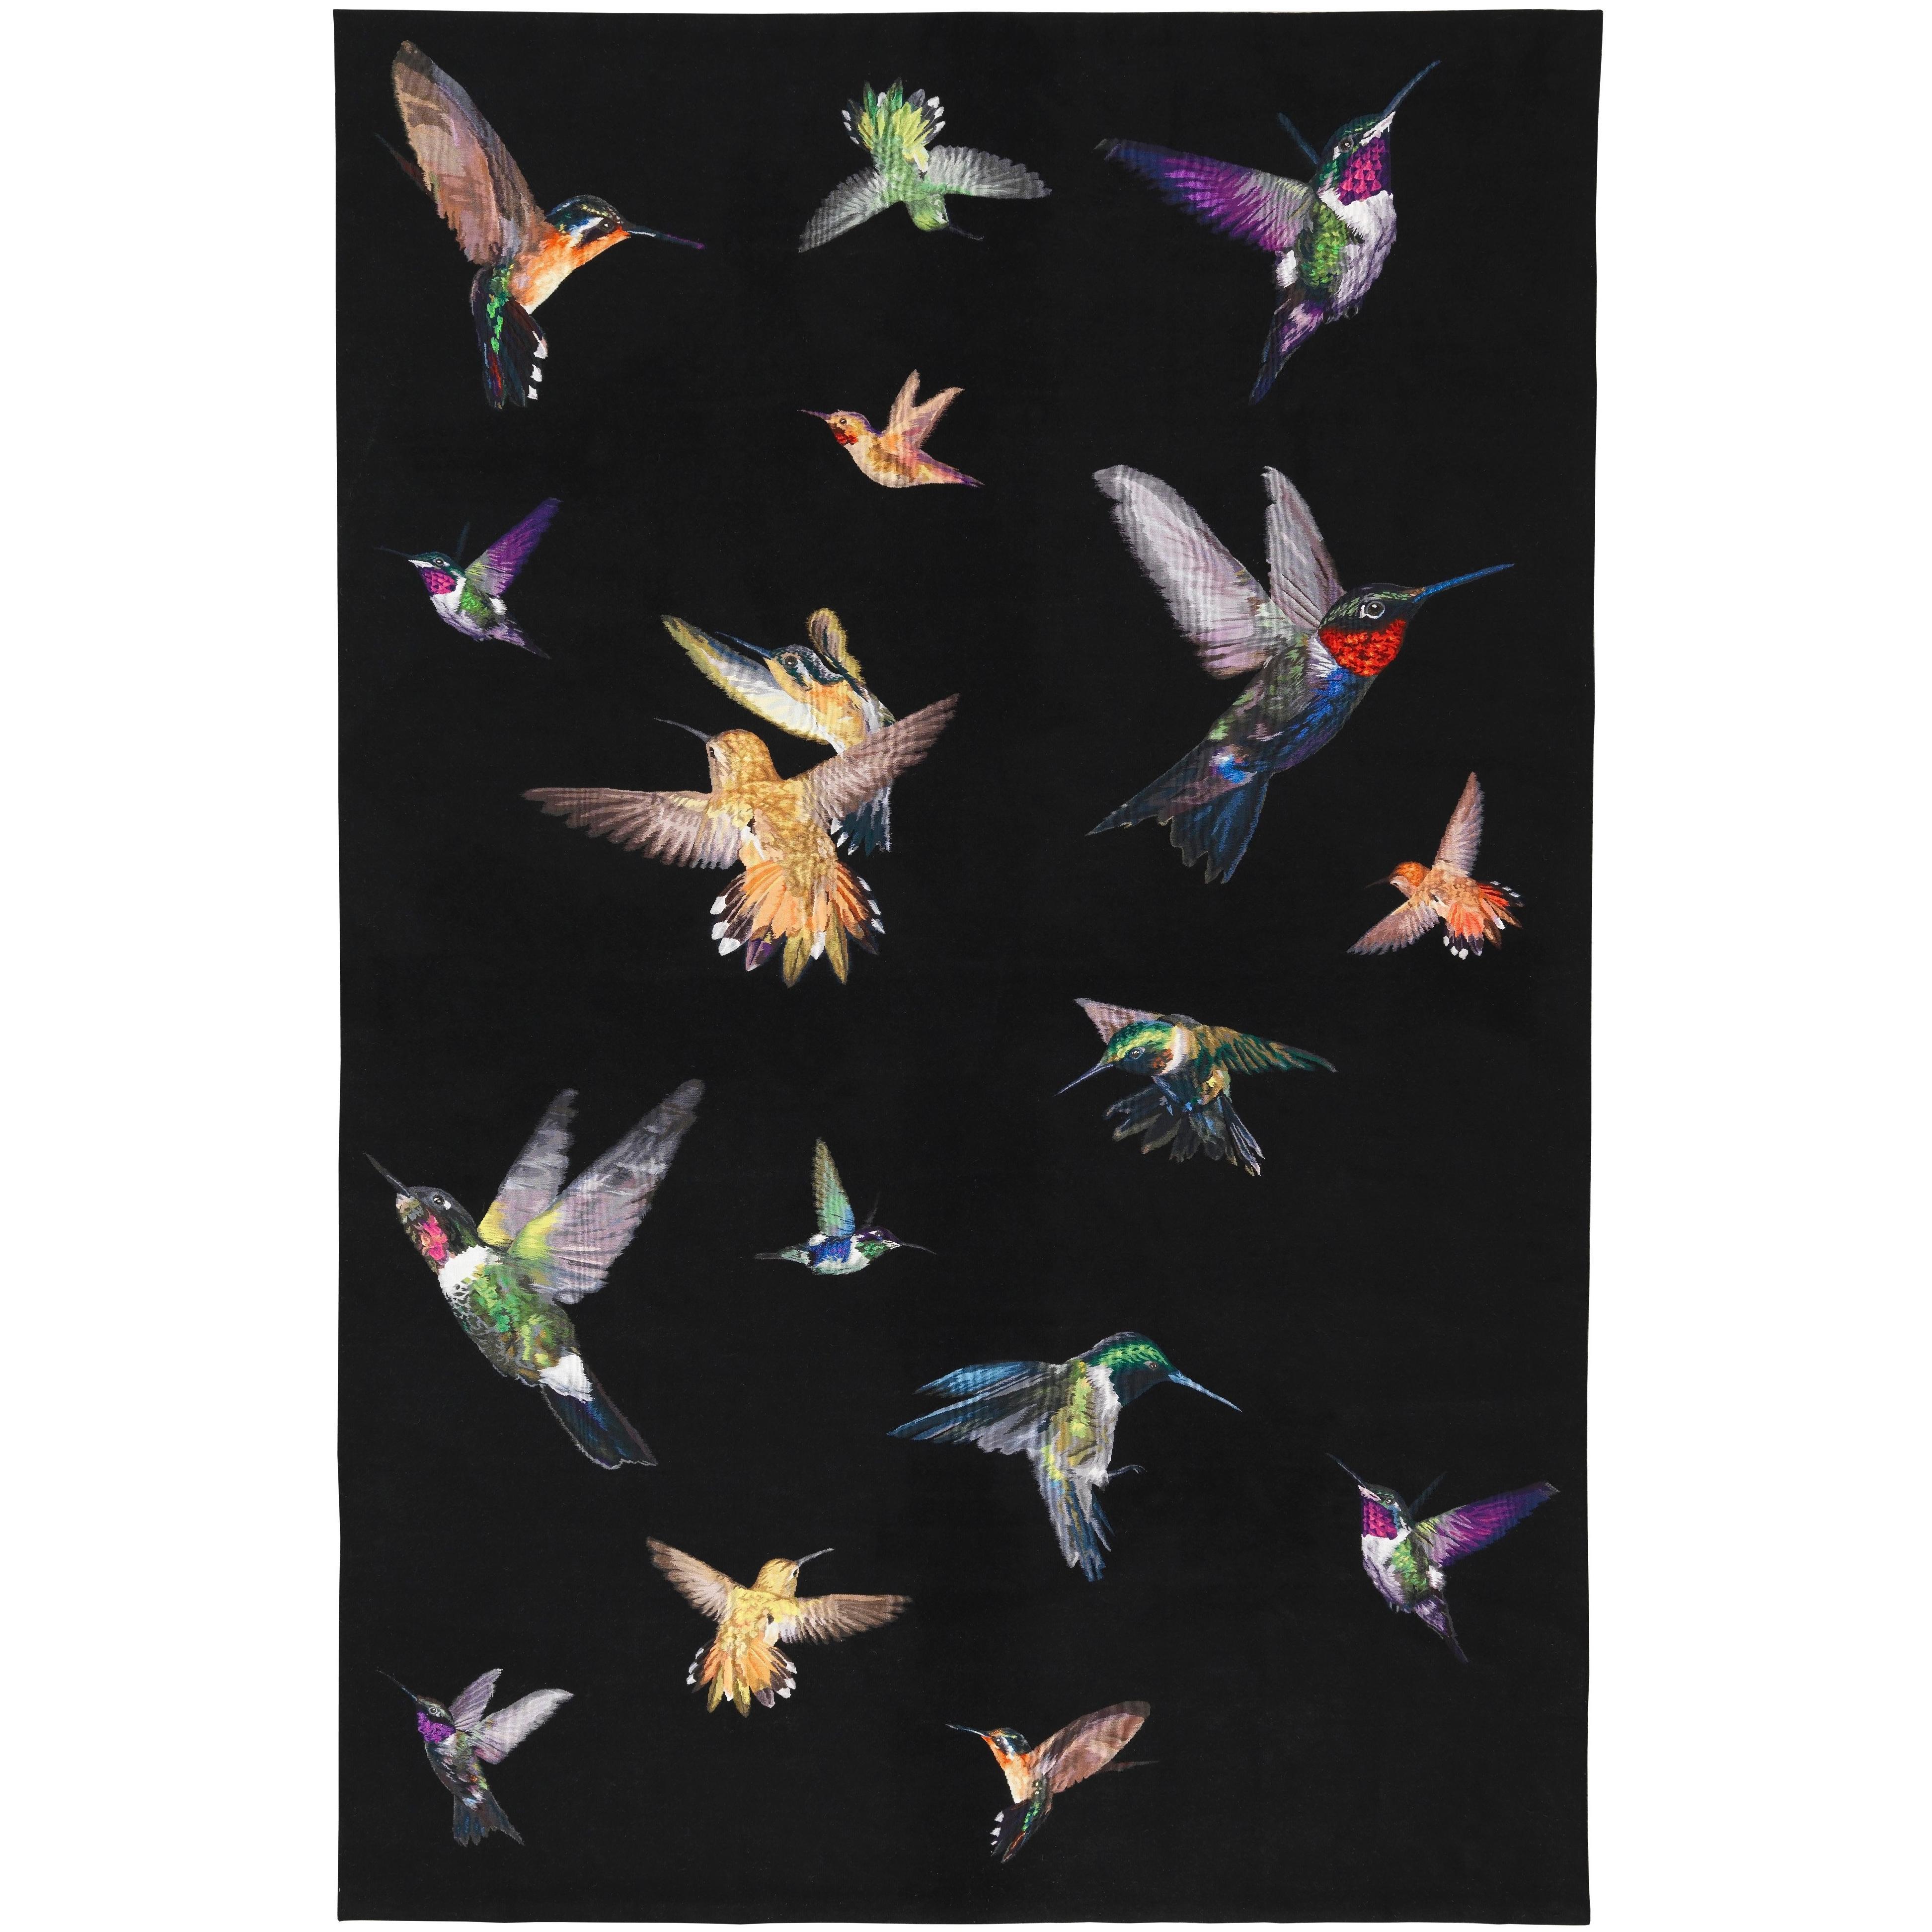 Hummingbird Handwoven 10x8 Rug in Silk by Alexander McQueen